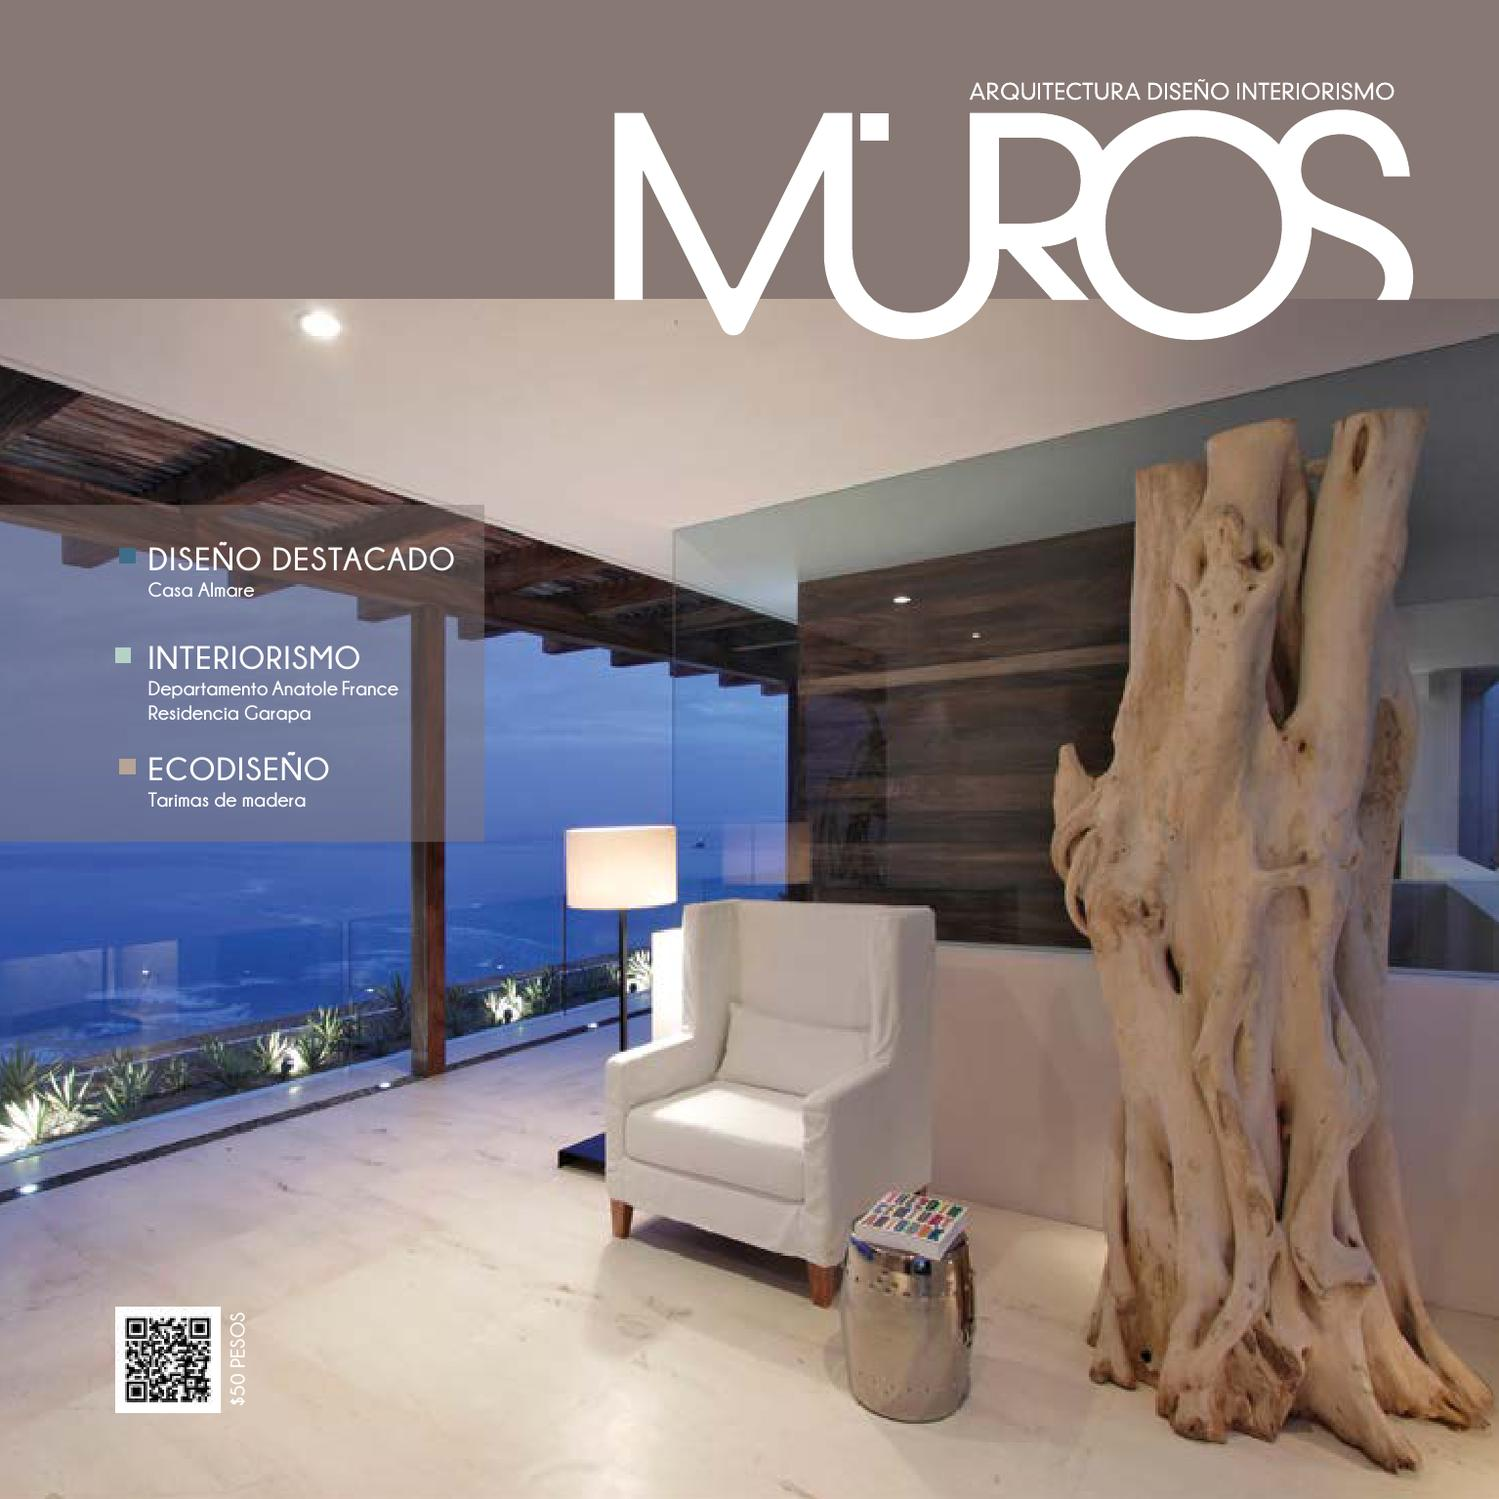 Edici n 3 revista muros arquitectura dise o interiorismo for Con que se limpia el marmol blanco